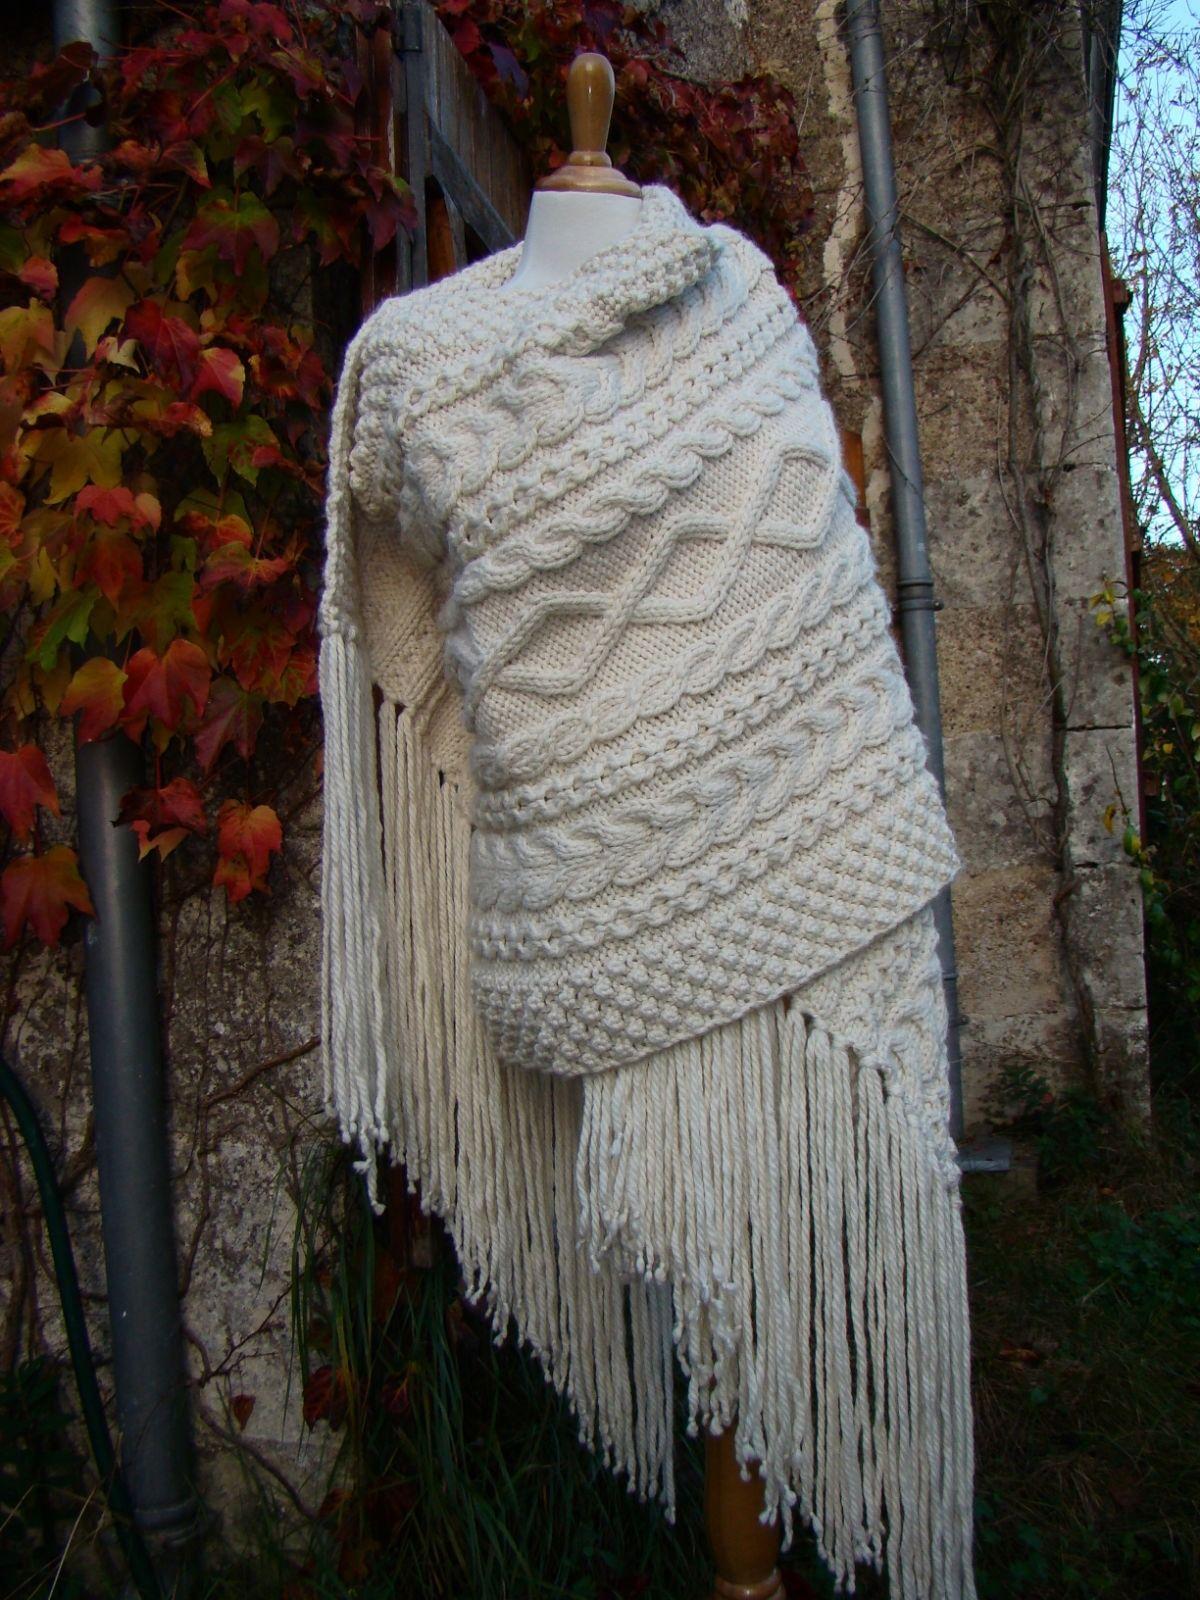 Grande Etole Irlandaise tricotée main en mérinos, alpaga et soie   Echarpe,  foulard, cravate par atelier-lune-de-nacre ed225965bae